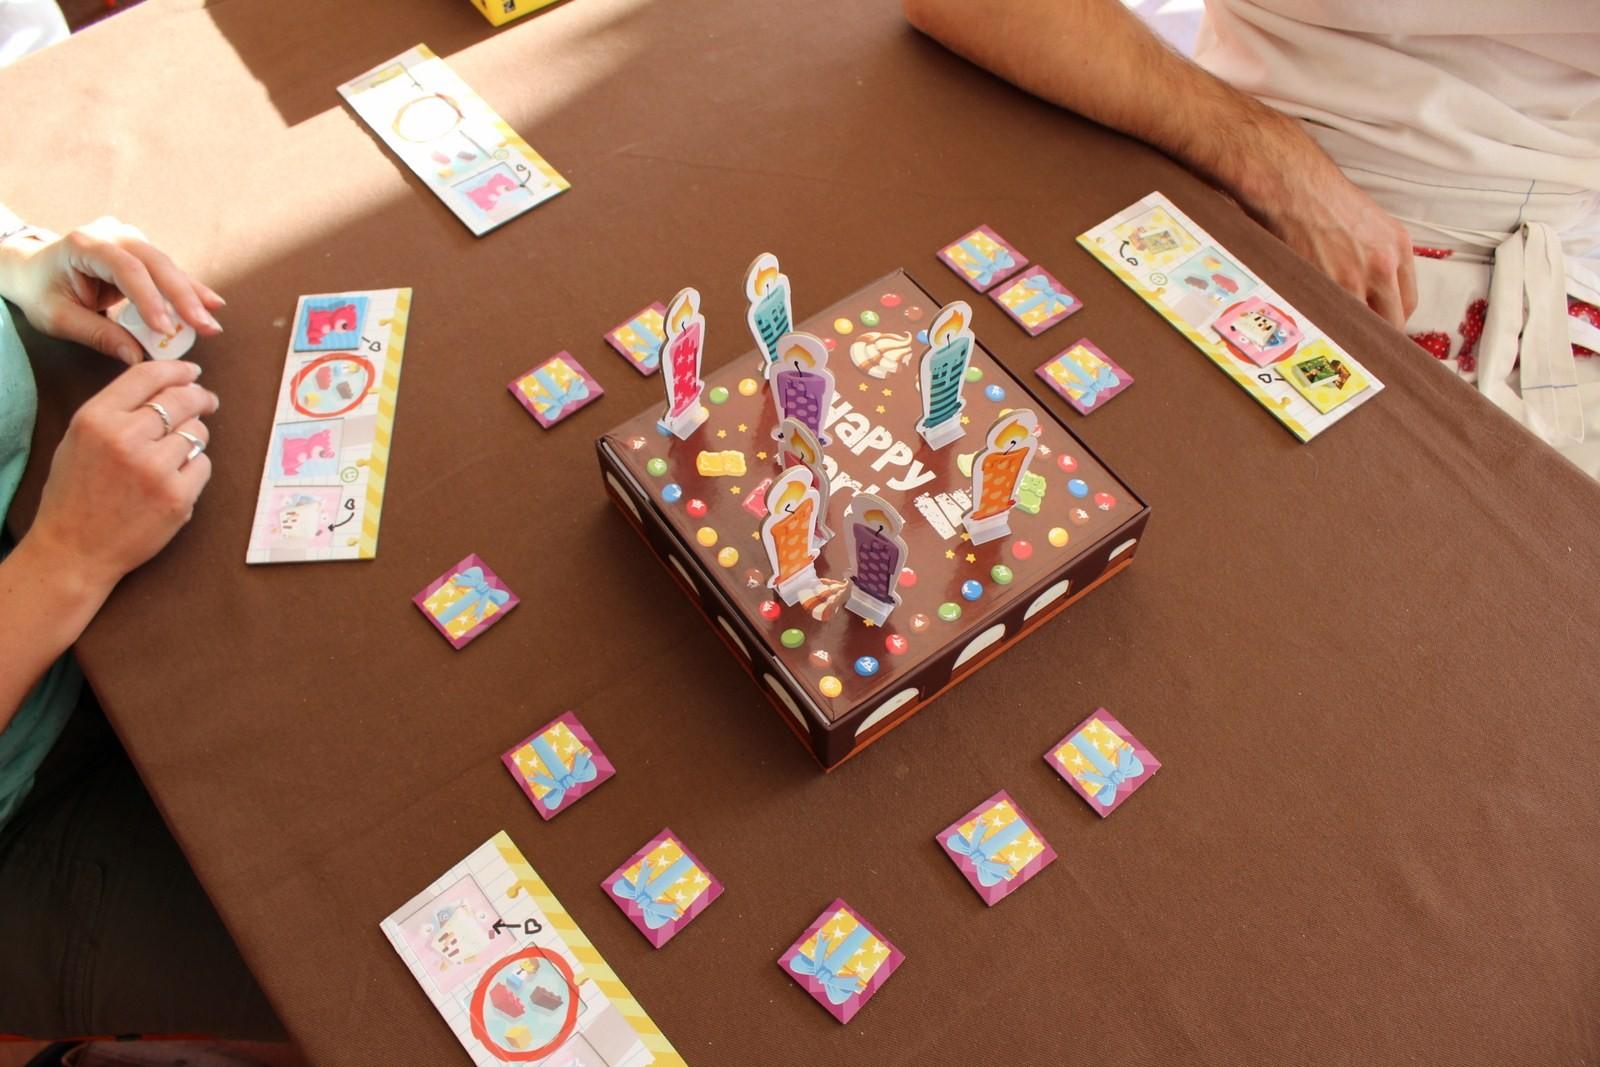 Le jeu qui sera disponible dès septembre chez Gigamic : happy party, qui fera sûrement un carton lors des anniversaires!